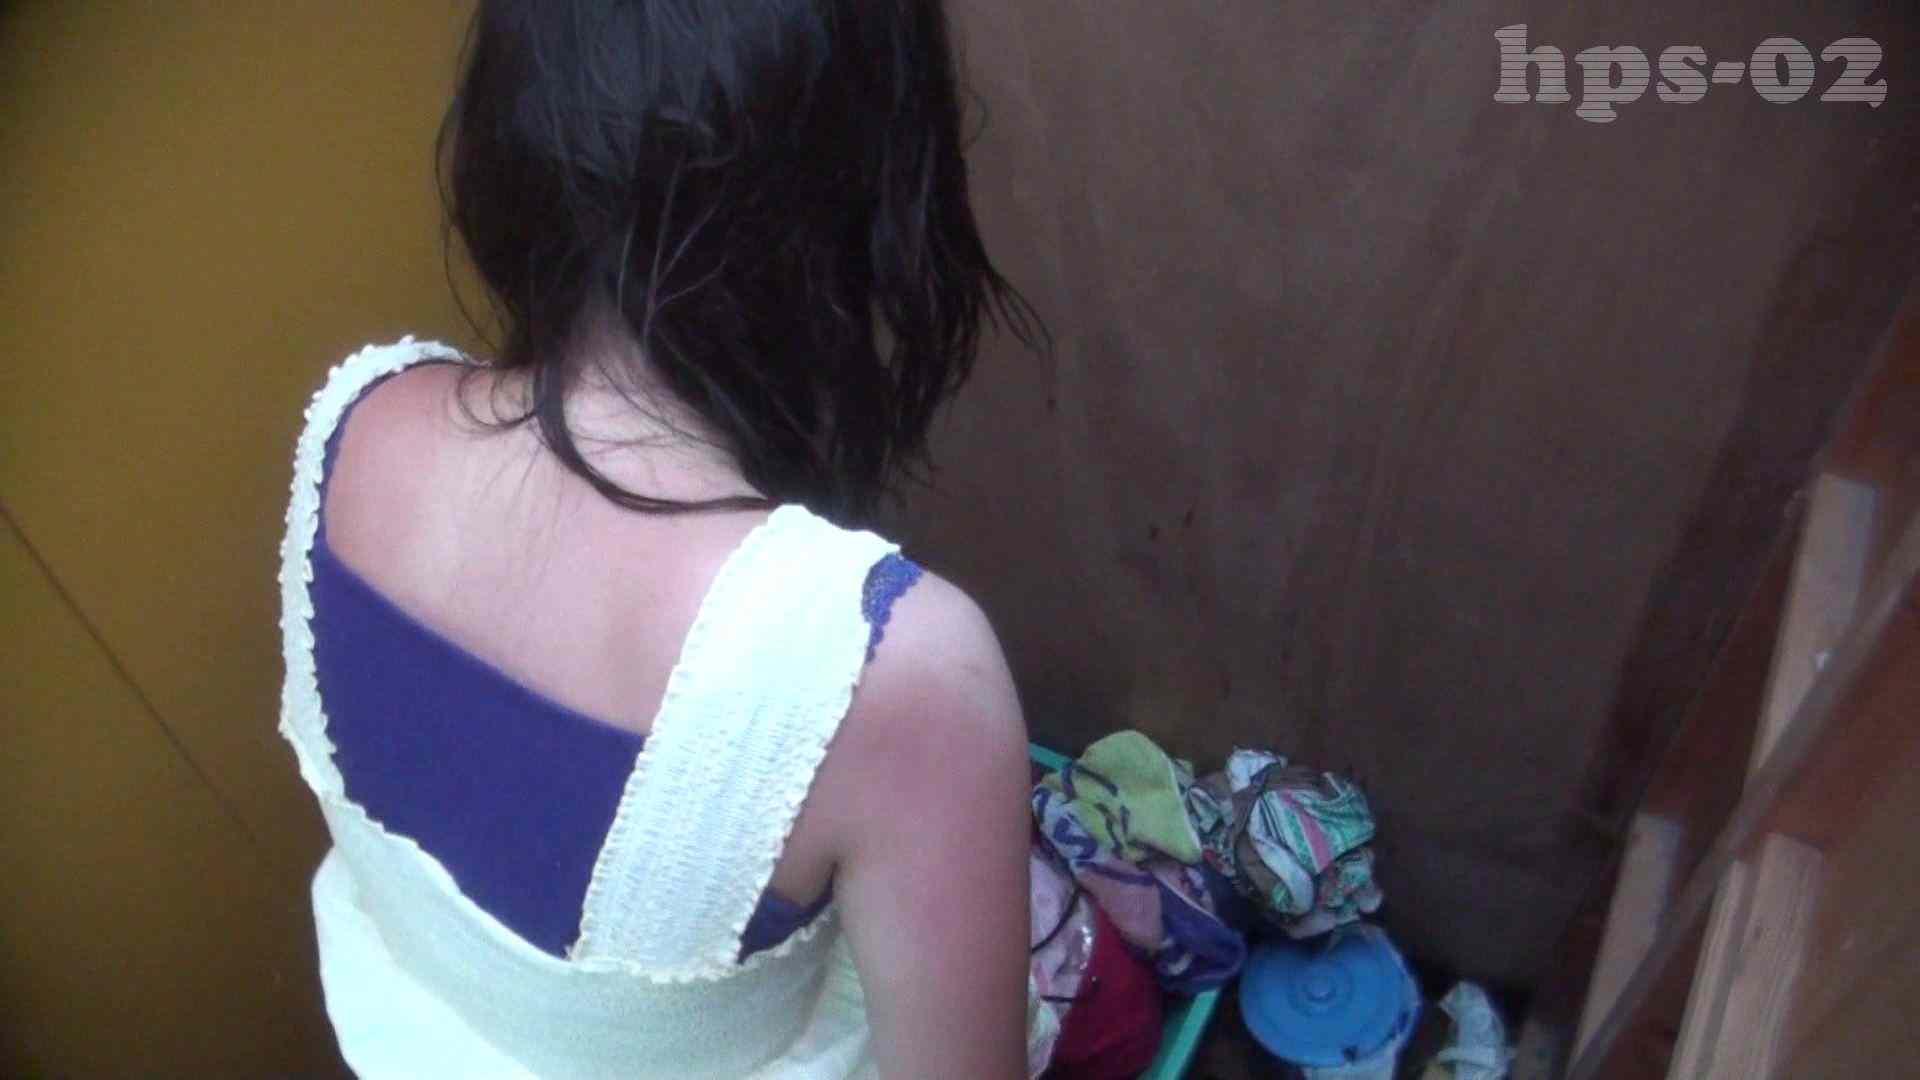 シャワールームは超!!危険な香りVol.2 カメラに目線をやるのですがまったく気が付きません。 シャワー  53画像 6